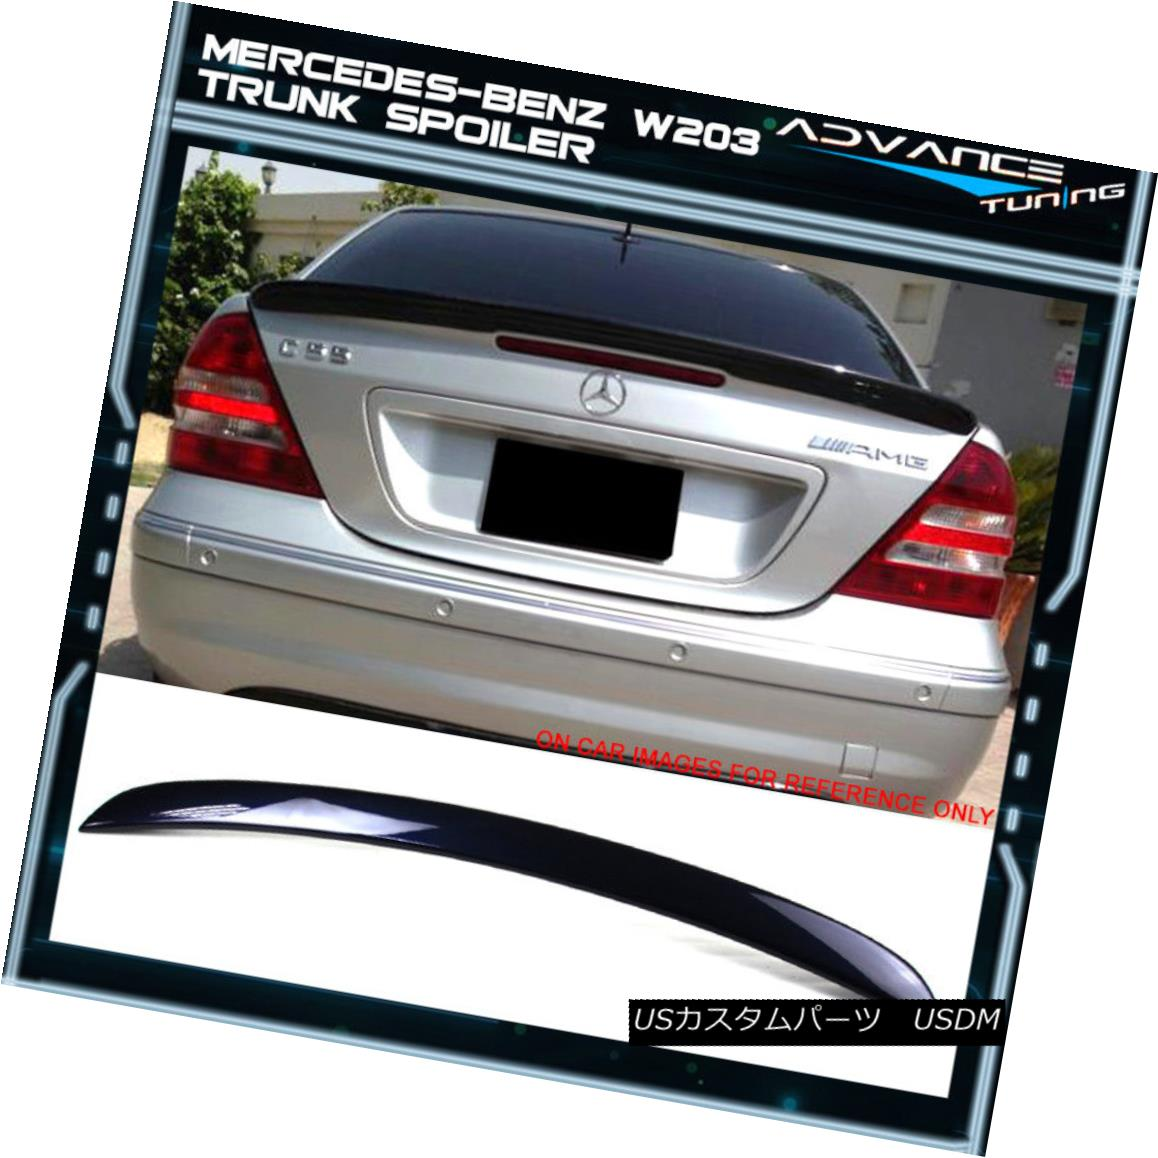 エアロパーツ 01-07 Benz W203 C-Class AMG Style Painted #359 Capri Blue Metallic Trunk Spoiler 01-07ベンツW203 CクラスAMGスタイル塗装#359カプリブルーメタリックトランクスポイラー